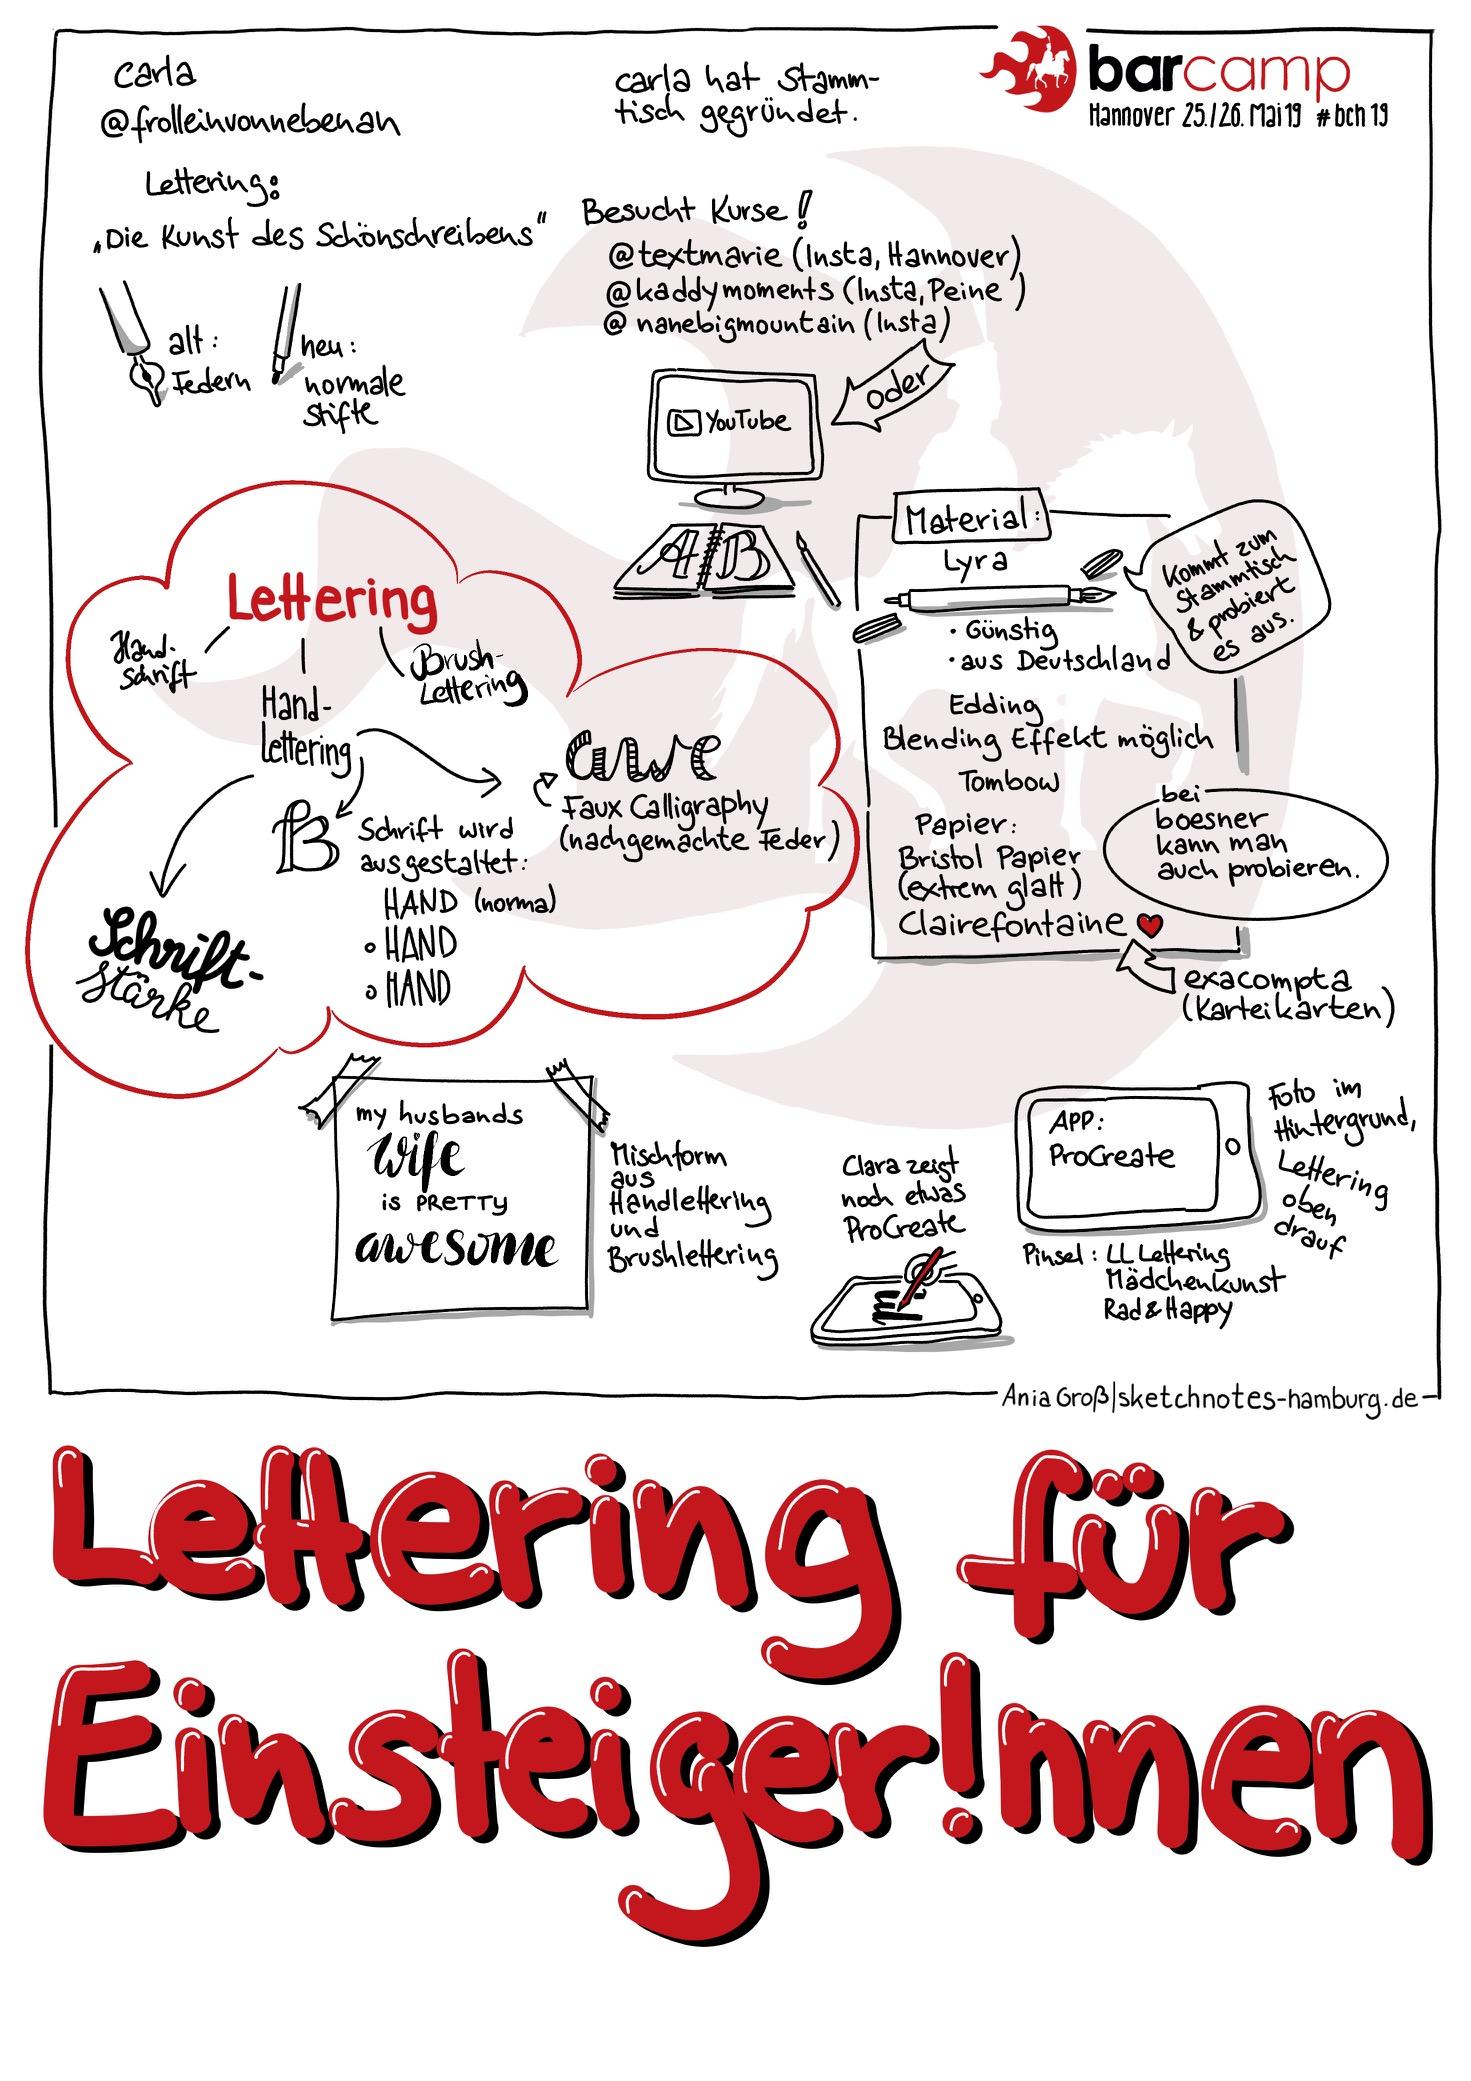 Carla hat Material vorgestellt, Begriffe erklärt und auf den hannoveraner Handlettering-Stammtisch hingewiesen. Sketchnotes: © Ania Groß